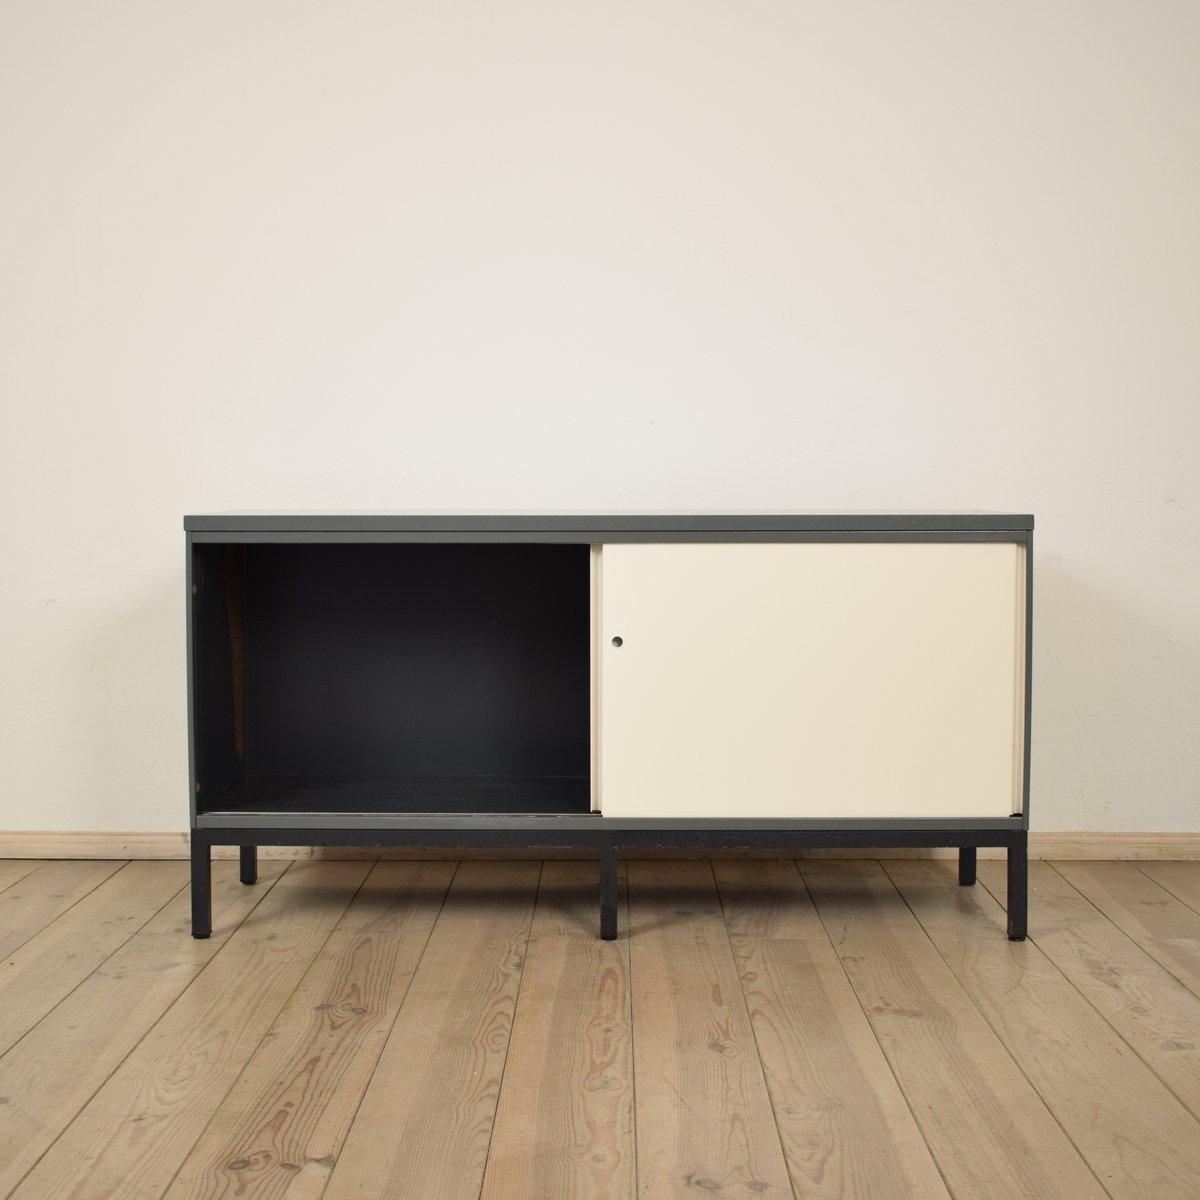 german metal sideboard 1970s for sale at pamono. Black Bedroom Furniture Sets. Home Design Ideas